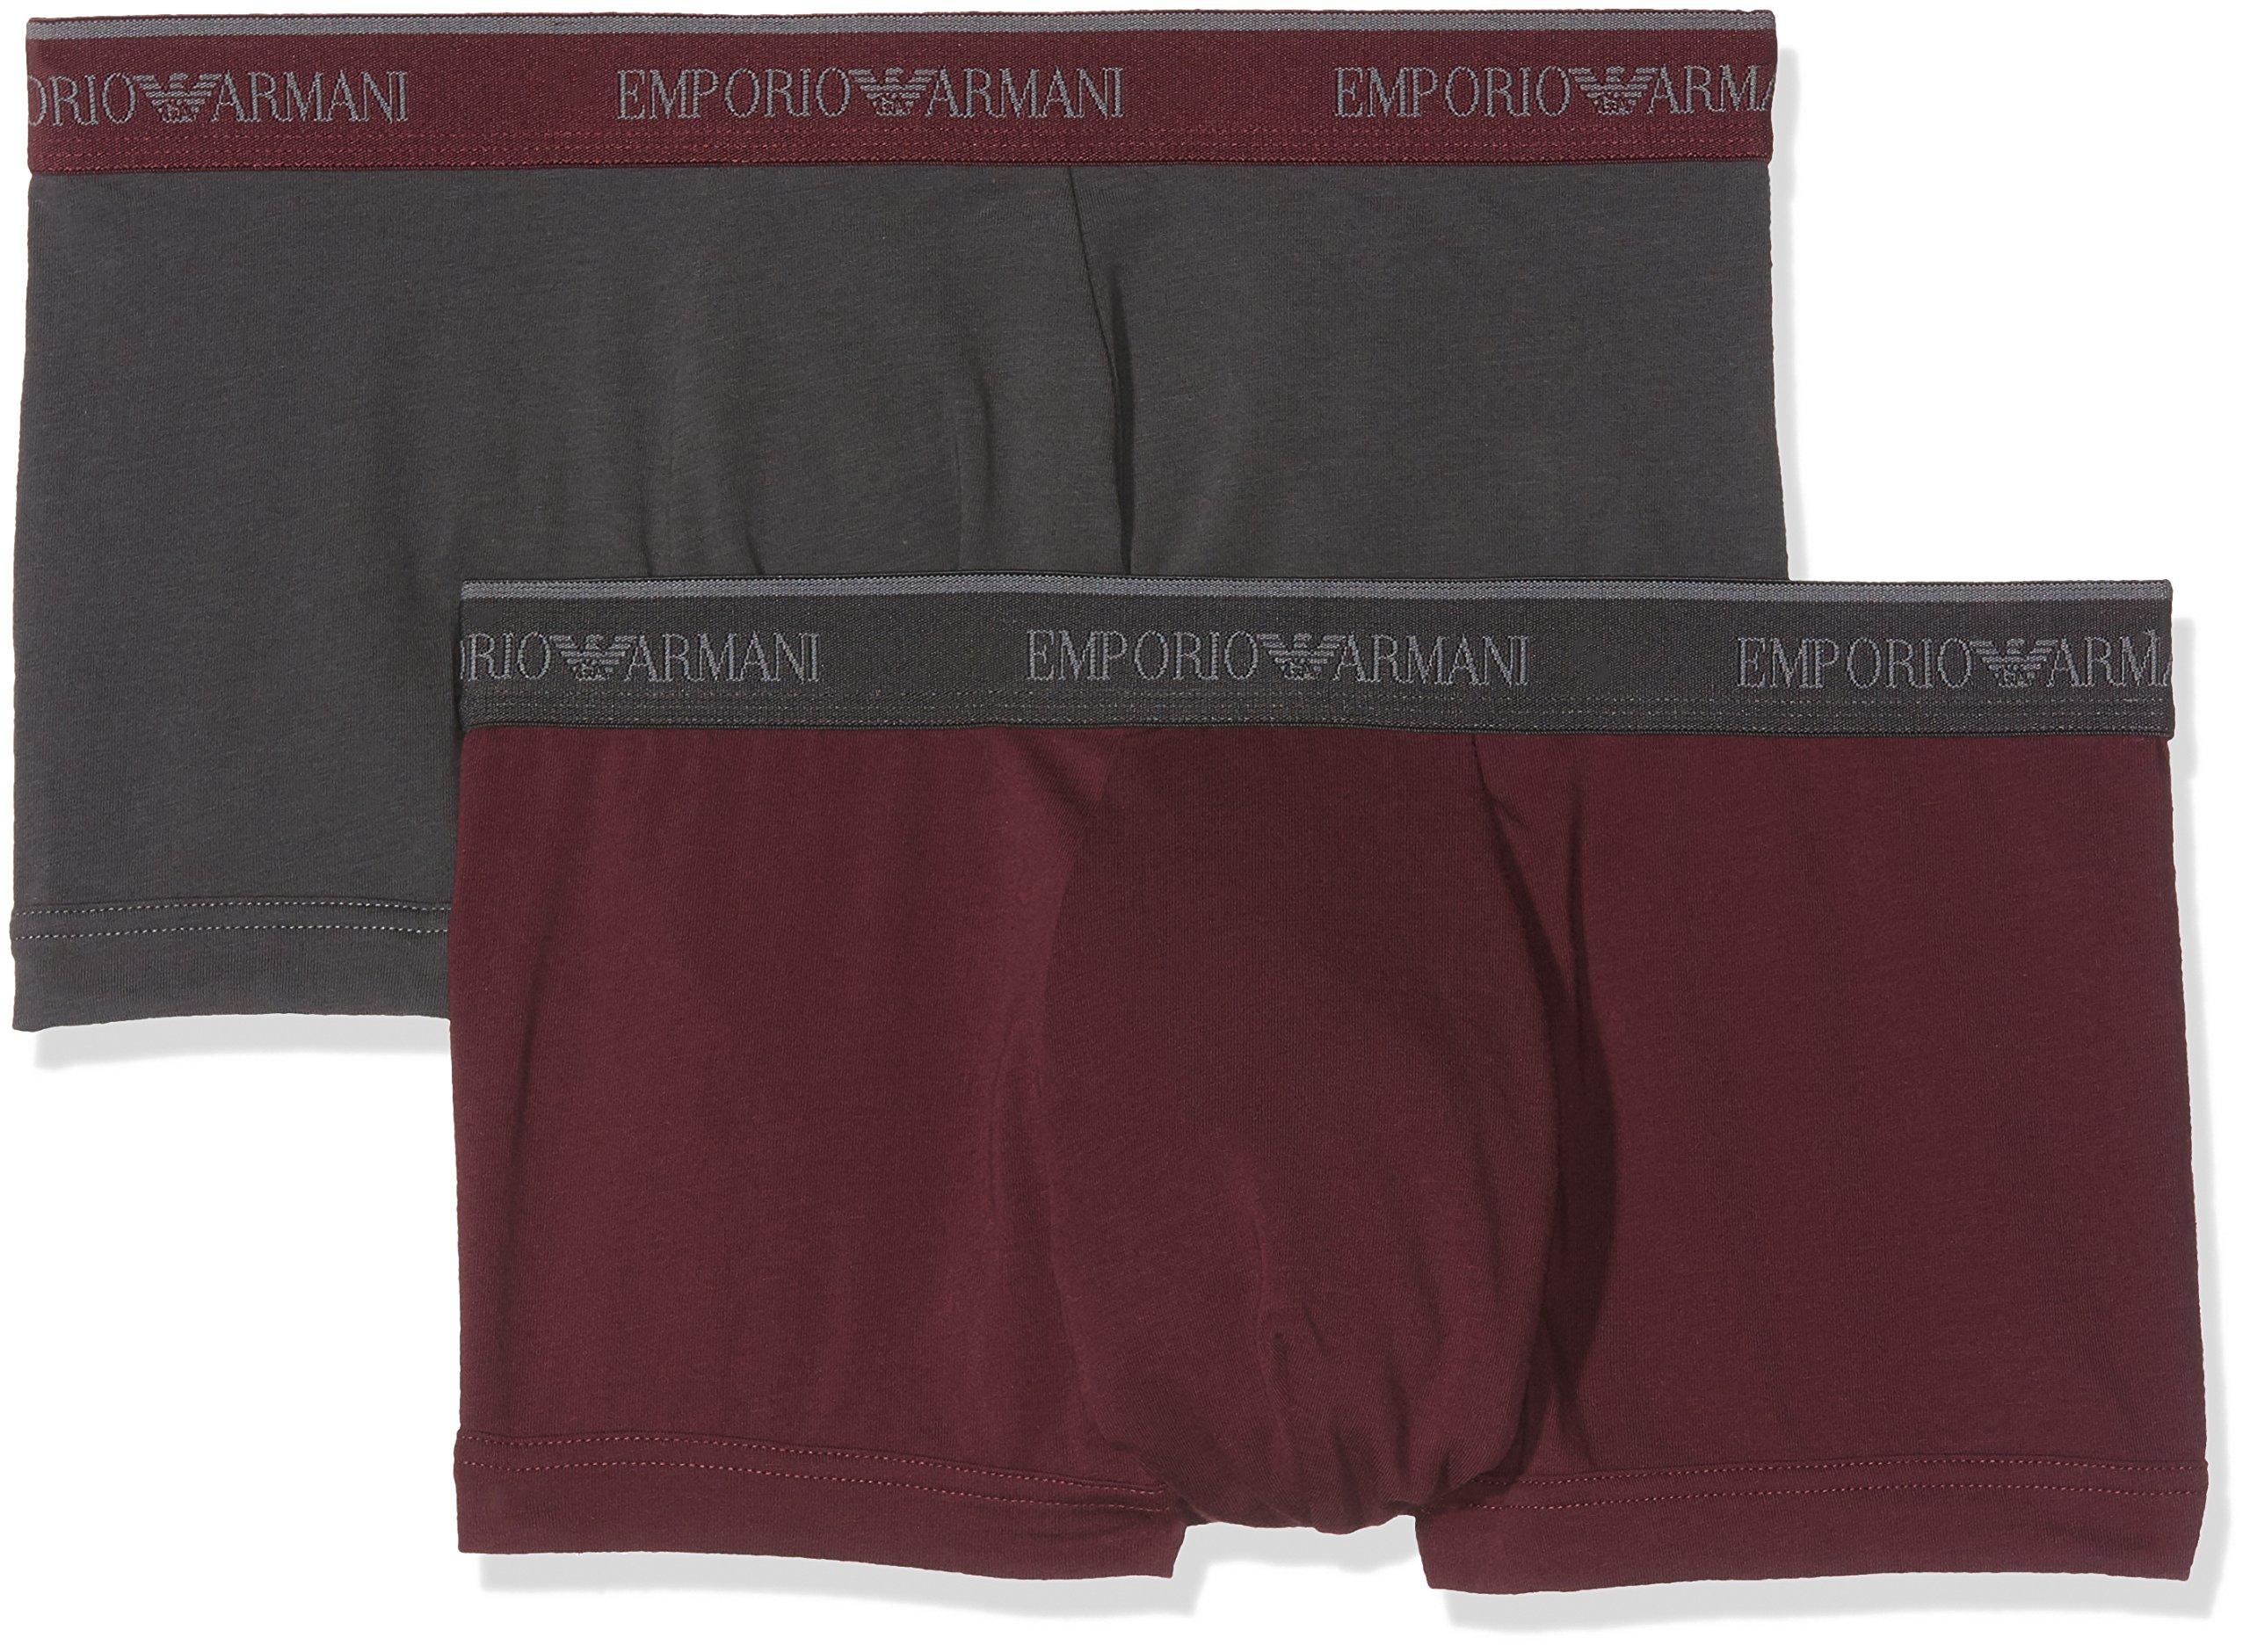 Emporio Armani Men's Stretch Cotton 2 Pack Trunk, Smoke/Aubergine, L